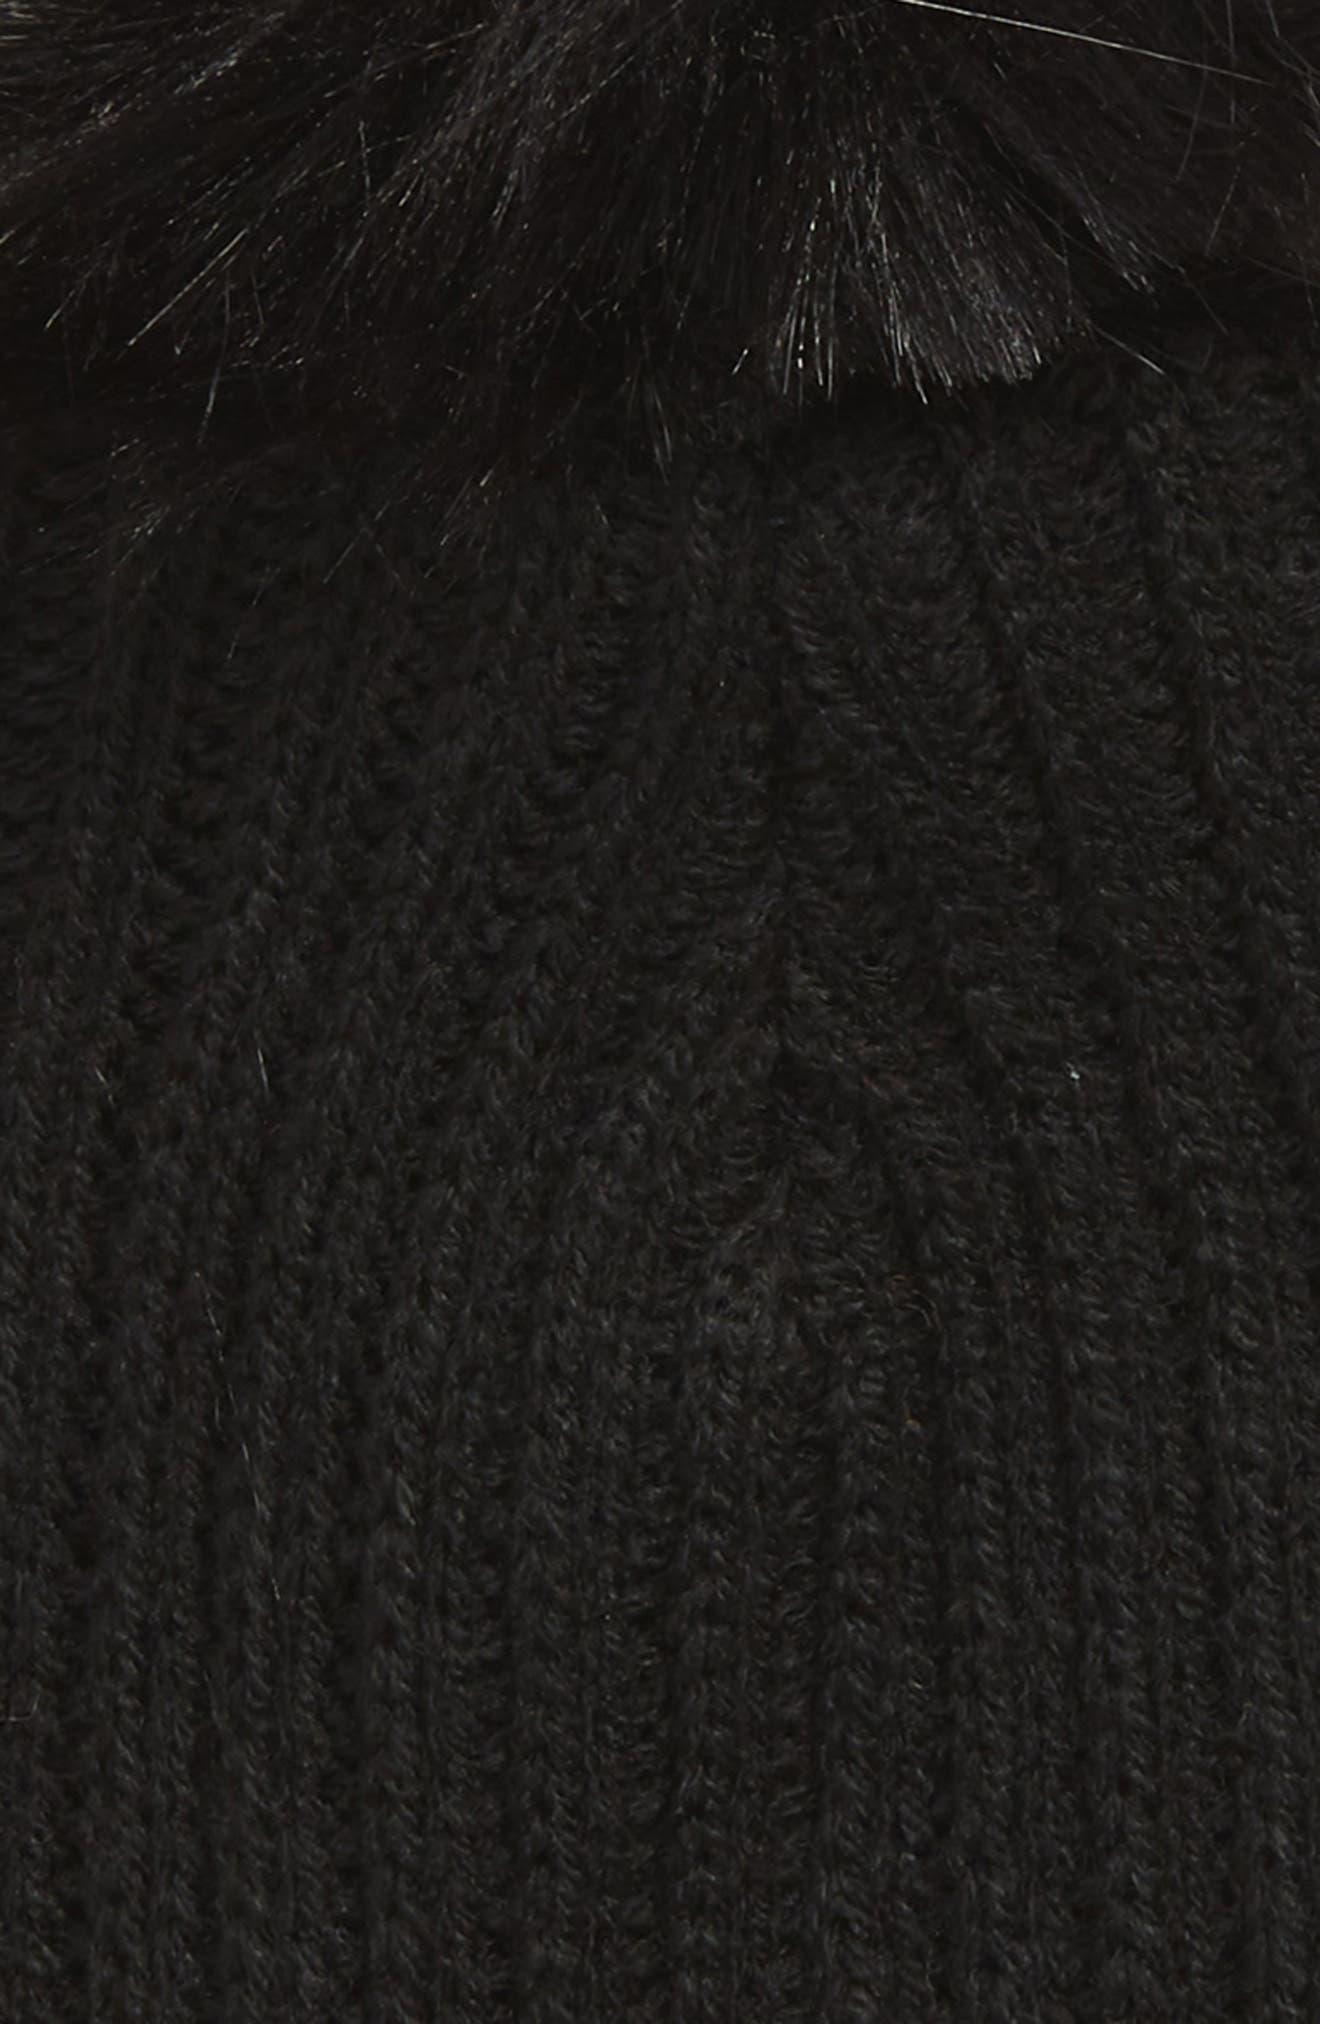 Alison Faux Fur Pom Beanie Hat,                             Alternate thumbnail 2, color,                             BLACK